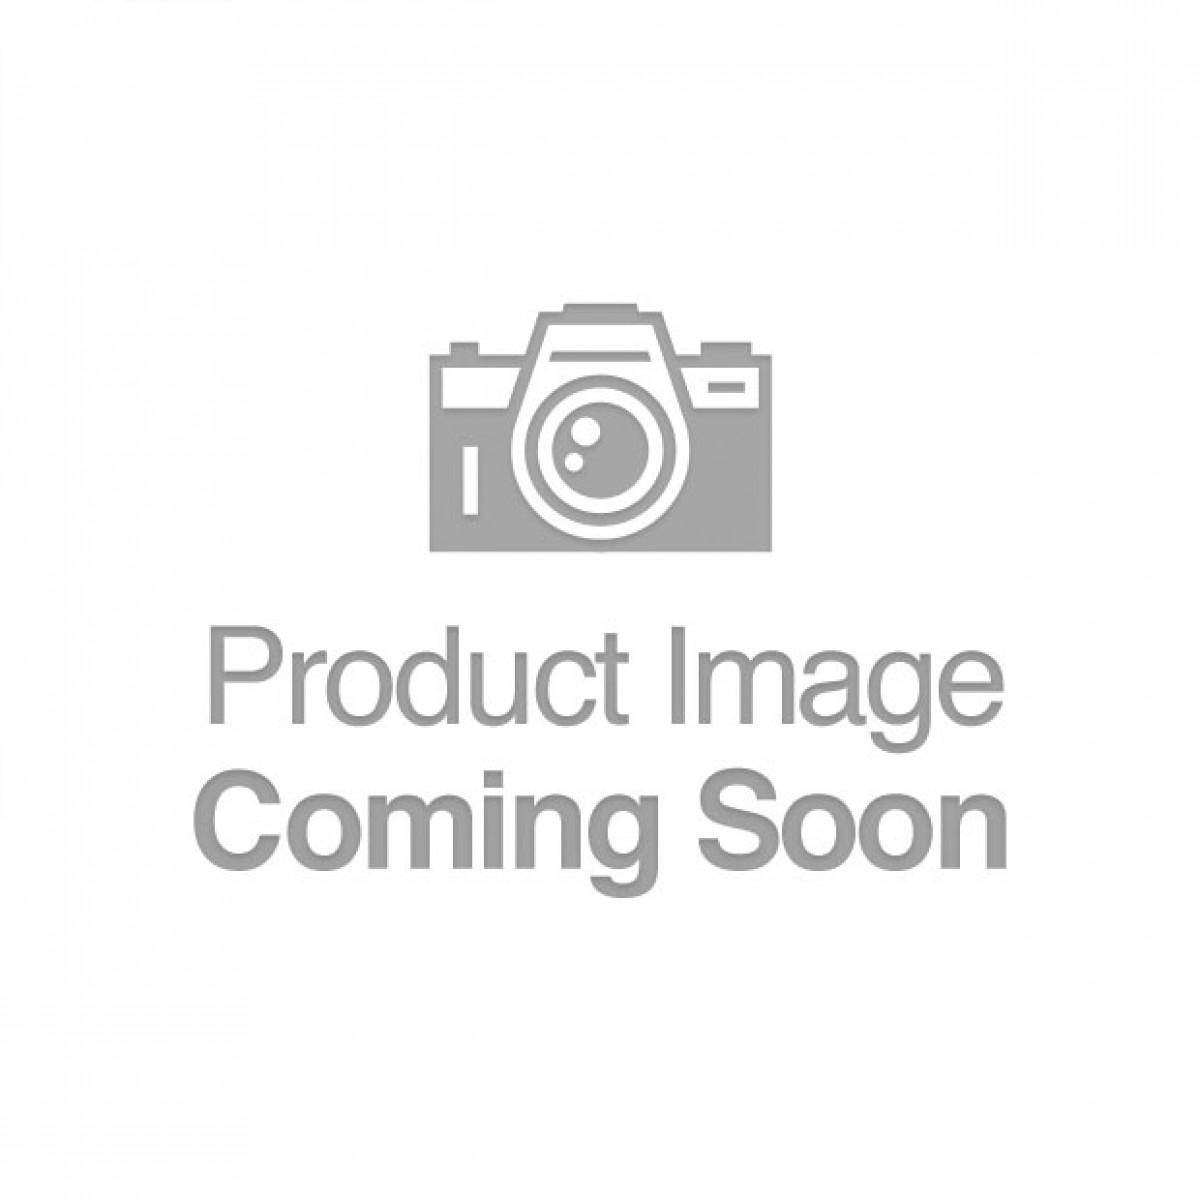 Id Millennium Silicone Lubricant - 4.4 Oz Bottle